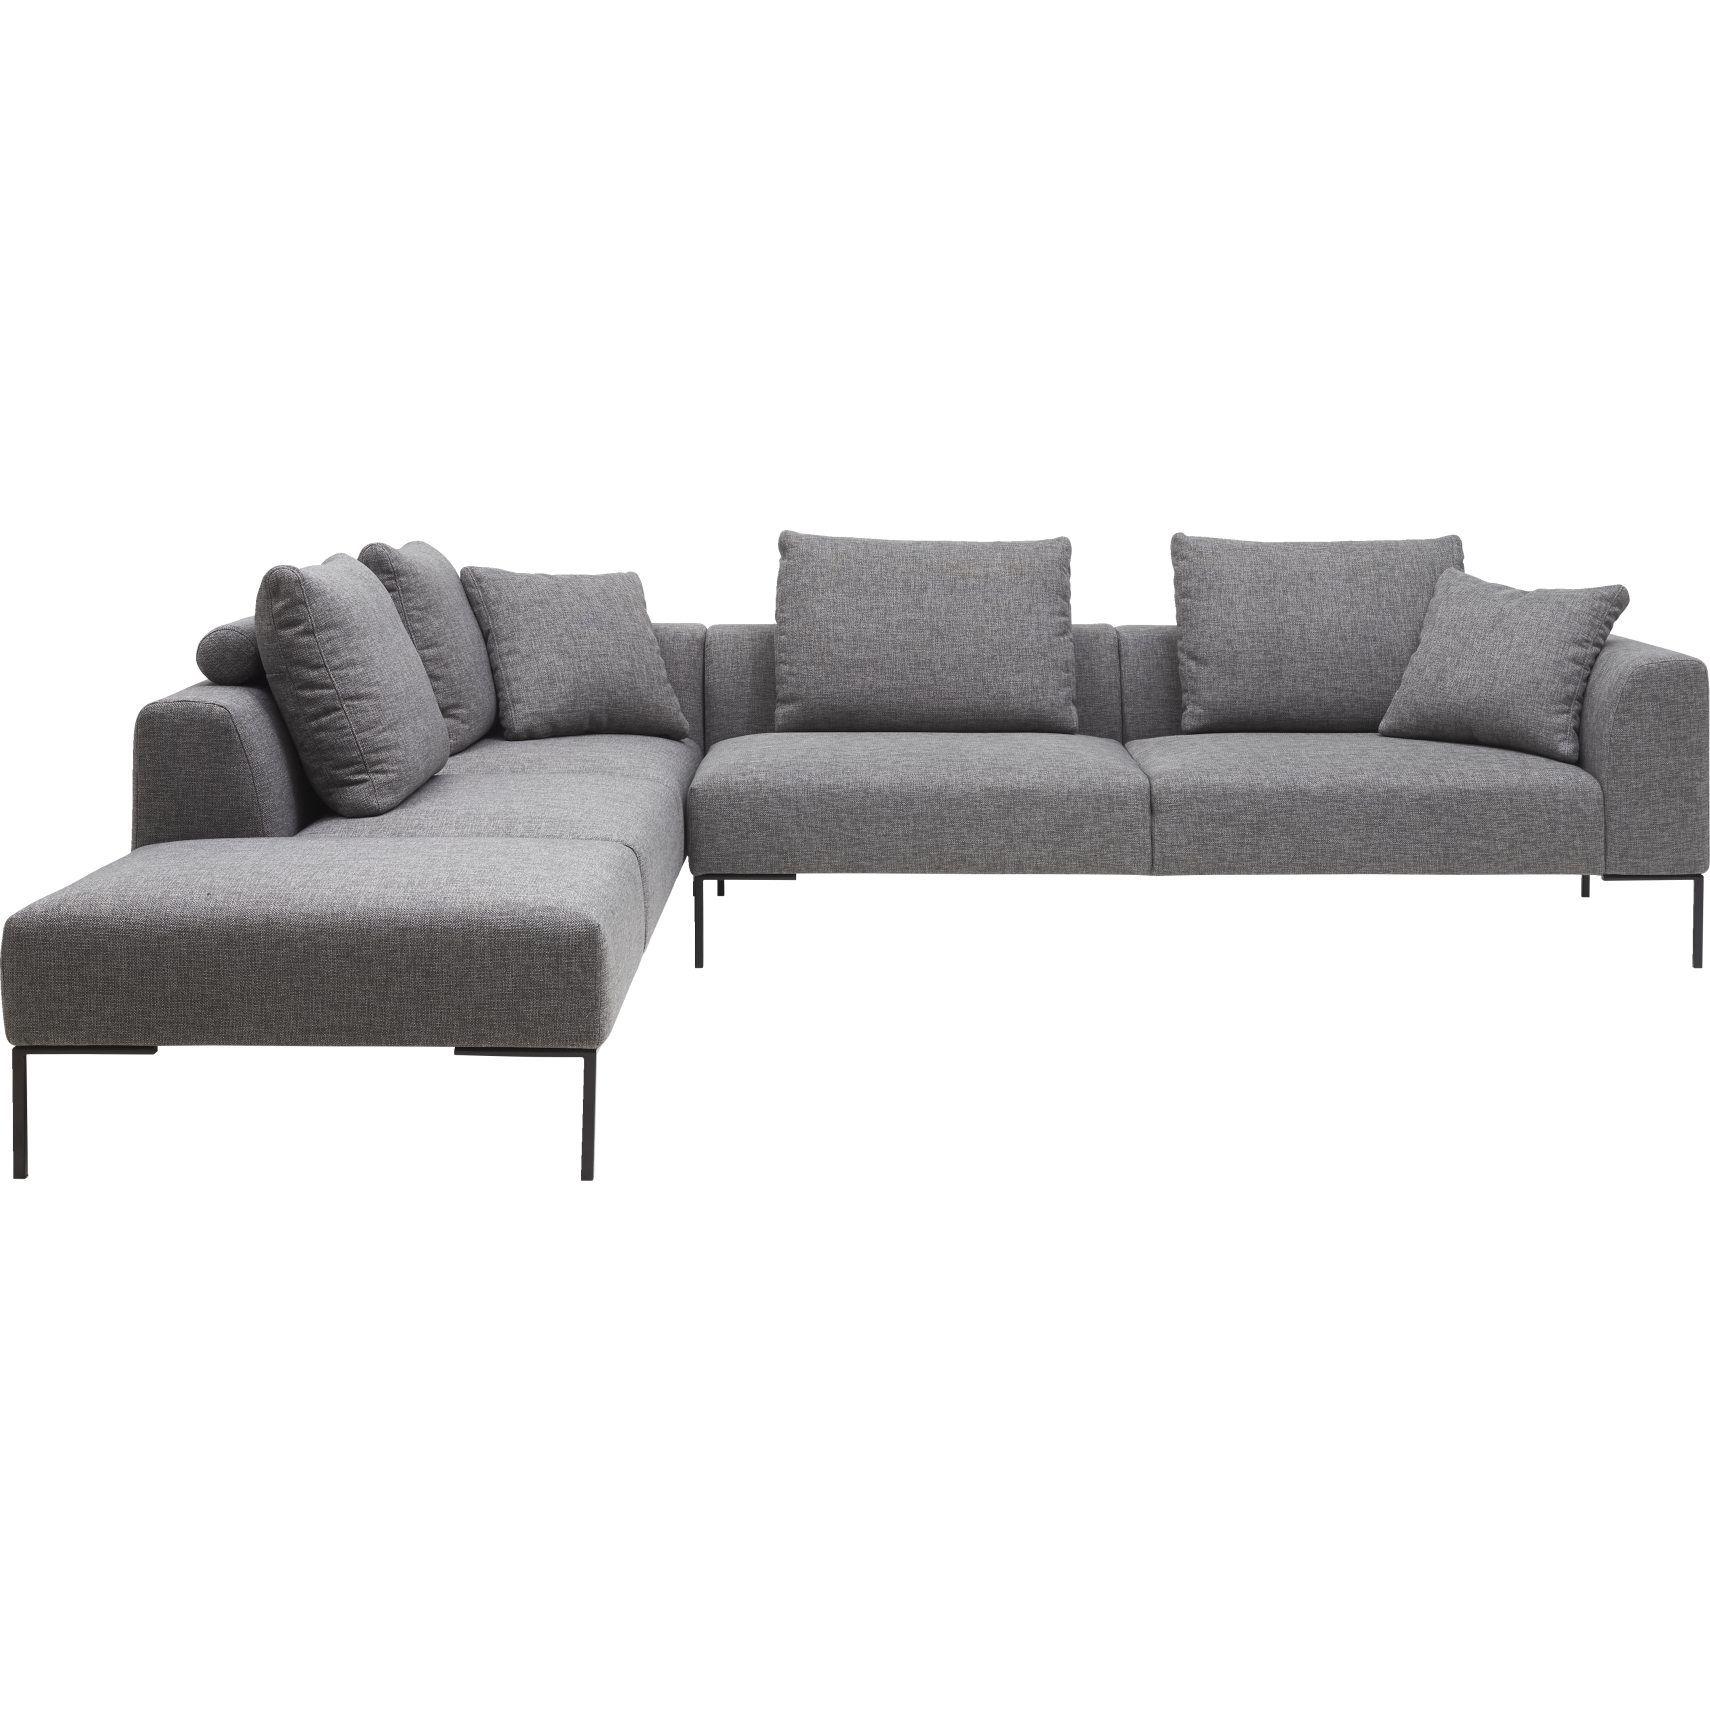 Pin by Kim Jensen on sofa